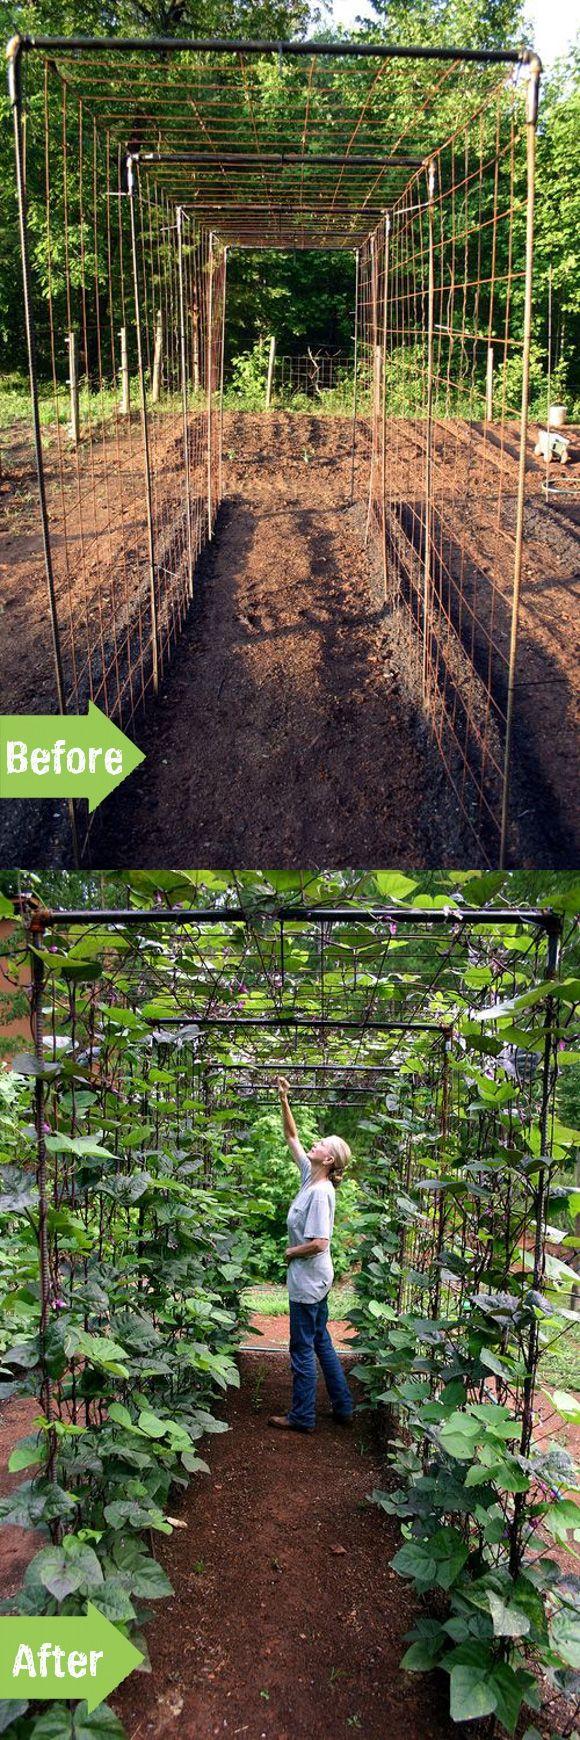 cr er un tunnel haricot jardin pinterest potager jardins et jardinage. Black Bedroom Furniture Sets. Home Design Ideas